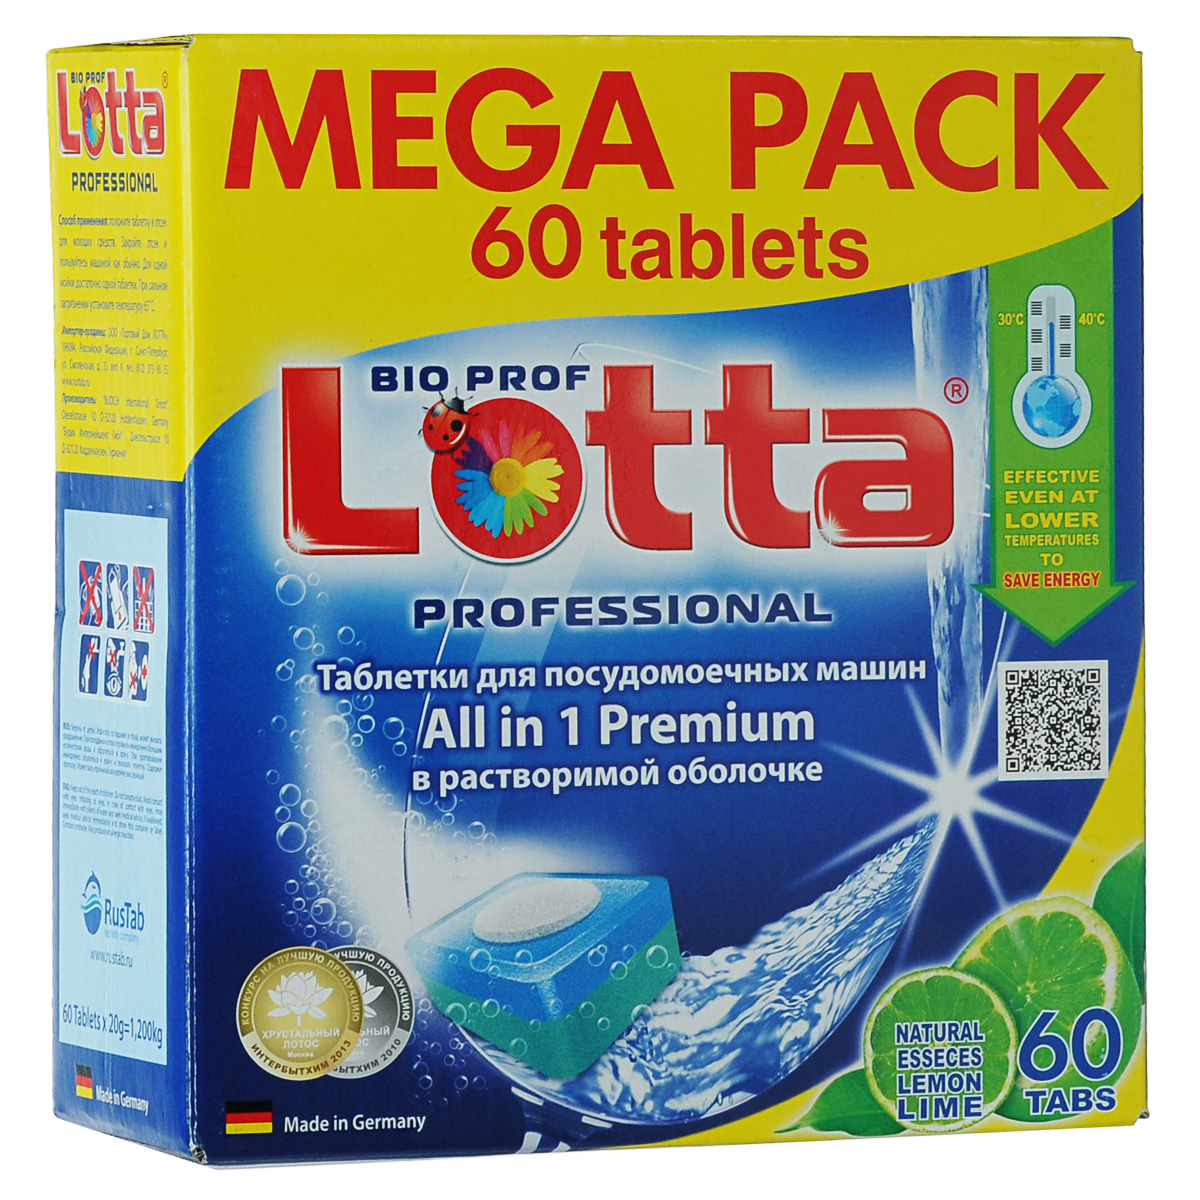 Таблетки для посудомоечных машин Lotta All in 1 Premium, с ароматом лайма, 60 таблеток16215Таблетки для посудомоечной машины Lotta All in 1 Premium - таблетки премиум класса в водорастворимой оболочке, гарантия чистоты и свежести вашей посуды. Быстро растворимая оболочка позволяет избежать любой контакт моющего средства с кожей, снижая до нуля риск возникновения аллергических реакций. Таблетки Lotta All in 1 Premium великолепно очищают посуду и содержат ополаскиватель для наилучшего результата, в состав которого входят специальные добавки, которые усиливают моющую силу средства, смягчают воду и оберегают машину от образования в ней накипи. Таблетки растворяют даже засохшие остатки пищи на посуде и нейтрализуют любые неприятные запахи.Таблетки также защищают хрусталь и стекло от потемнения, и усиливают блеск посуды из нержавеющей стали. Вес одной таблетки: 20 г.Количество таблеток: 60.Общий вес упаковки: 1,2 кг.Состав: триполифосфат натрия 30% и более, карбонат натрия, бикарбонат натрия (15-30%), пекарбонат натрия (5-15%), силикат натрия, поликарбоксилаты, неионные ПАВ, ТАЕД, энзимы, фосфонаты, отдушка, краситель 5% и менее, растворимая оболочка.